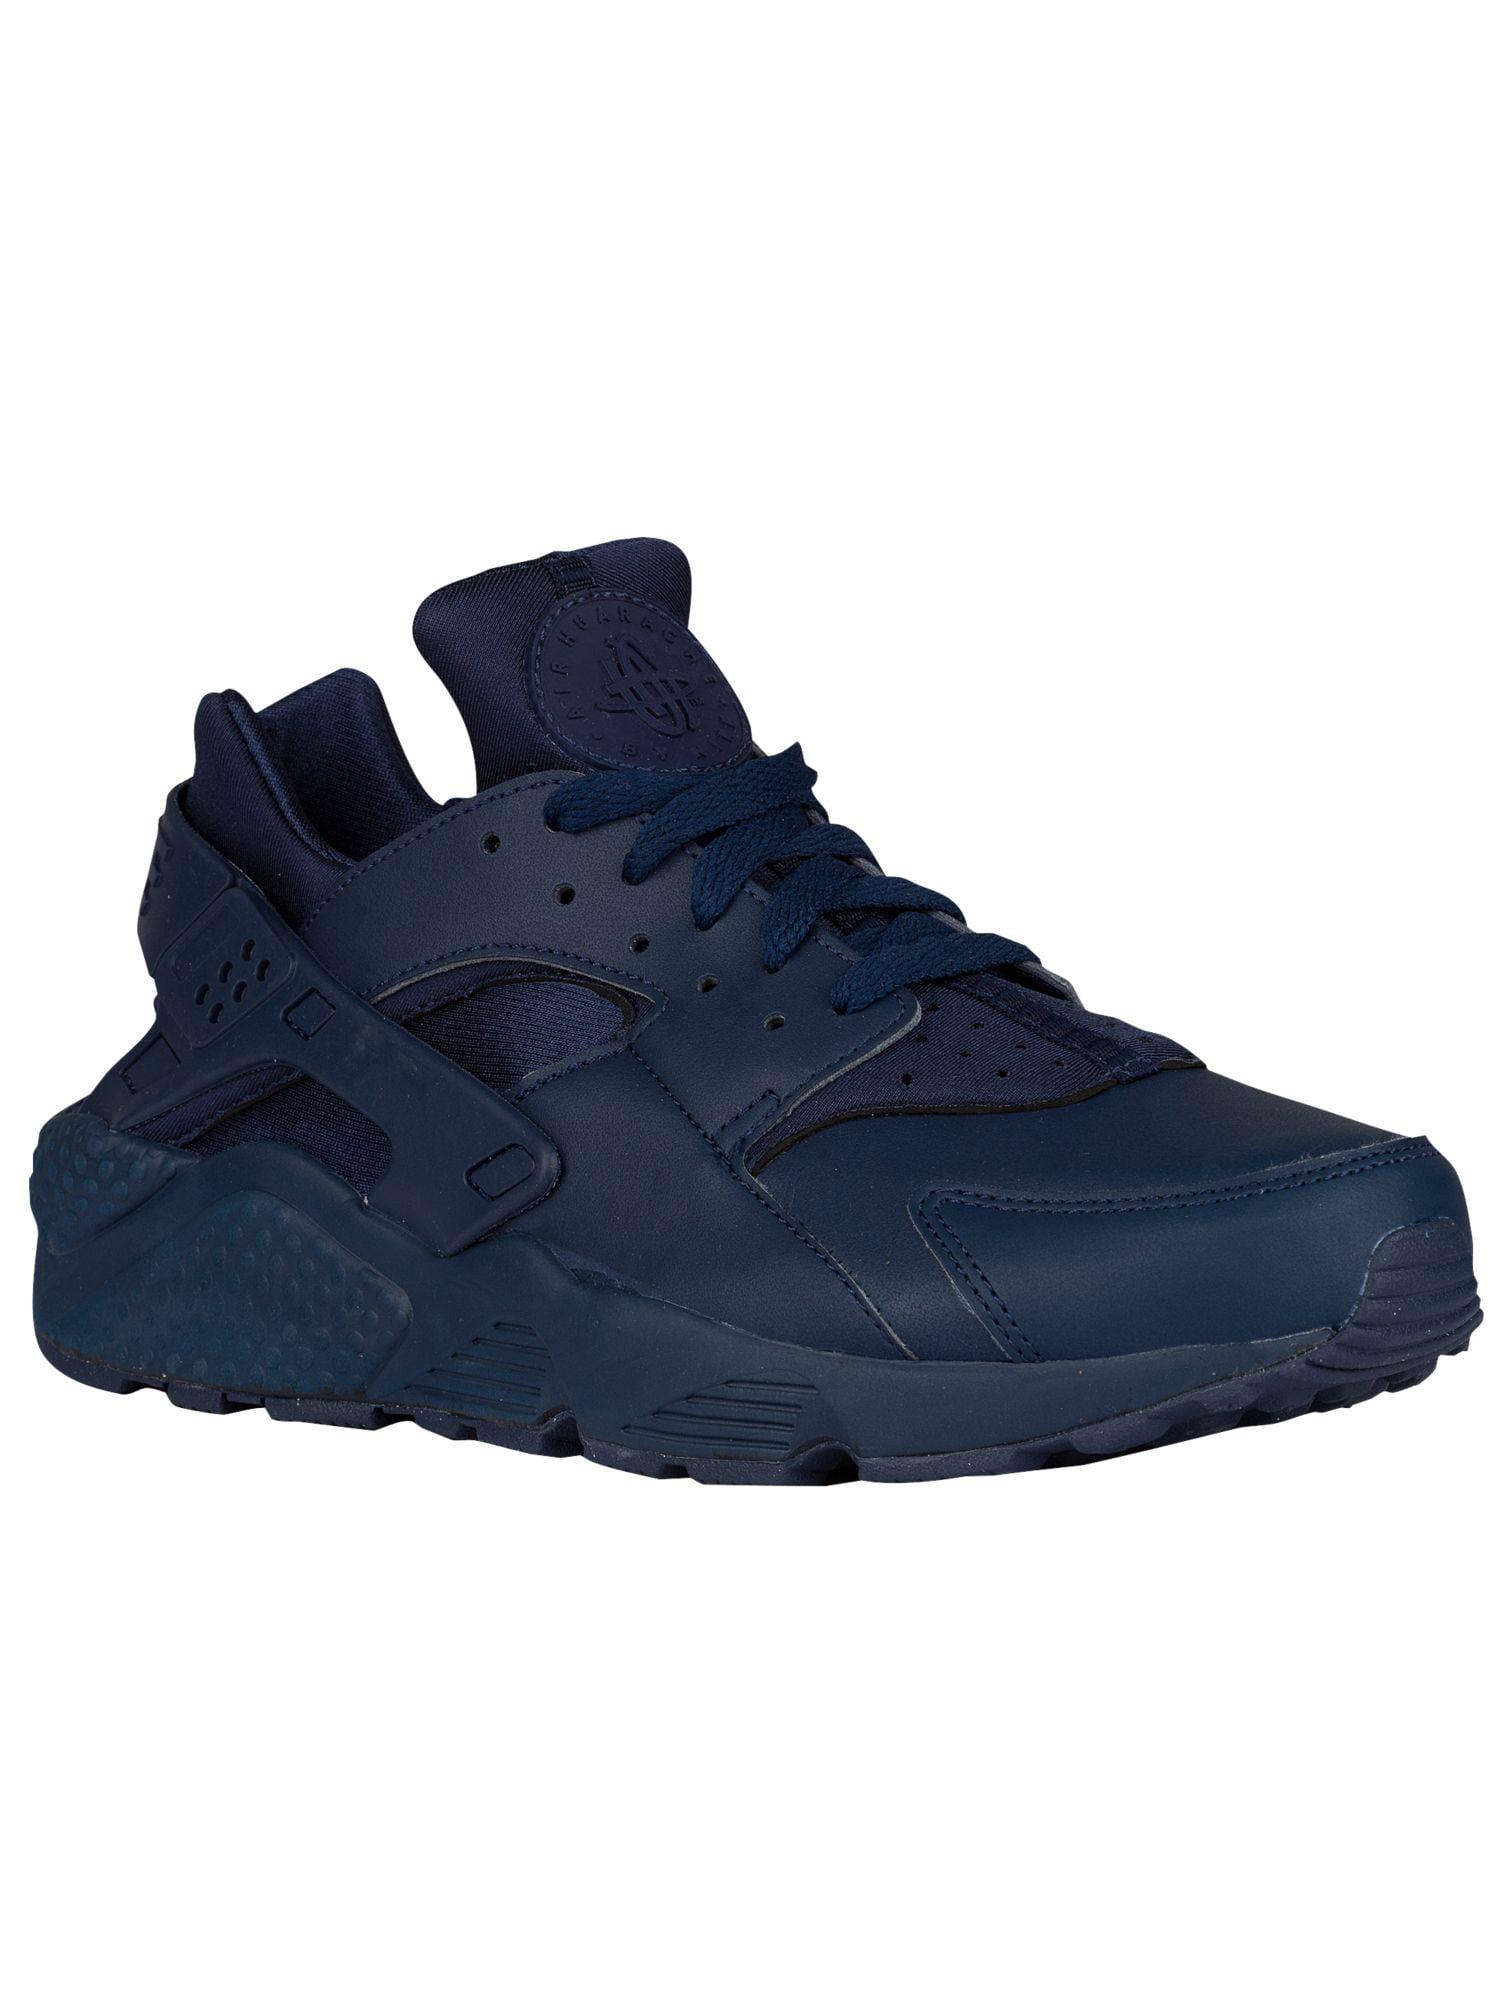 1a087b0a23df ... discount nike air huarache mens running shoes midnight navy midnight  navy midnight navy de661 39654